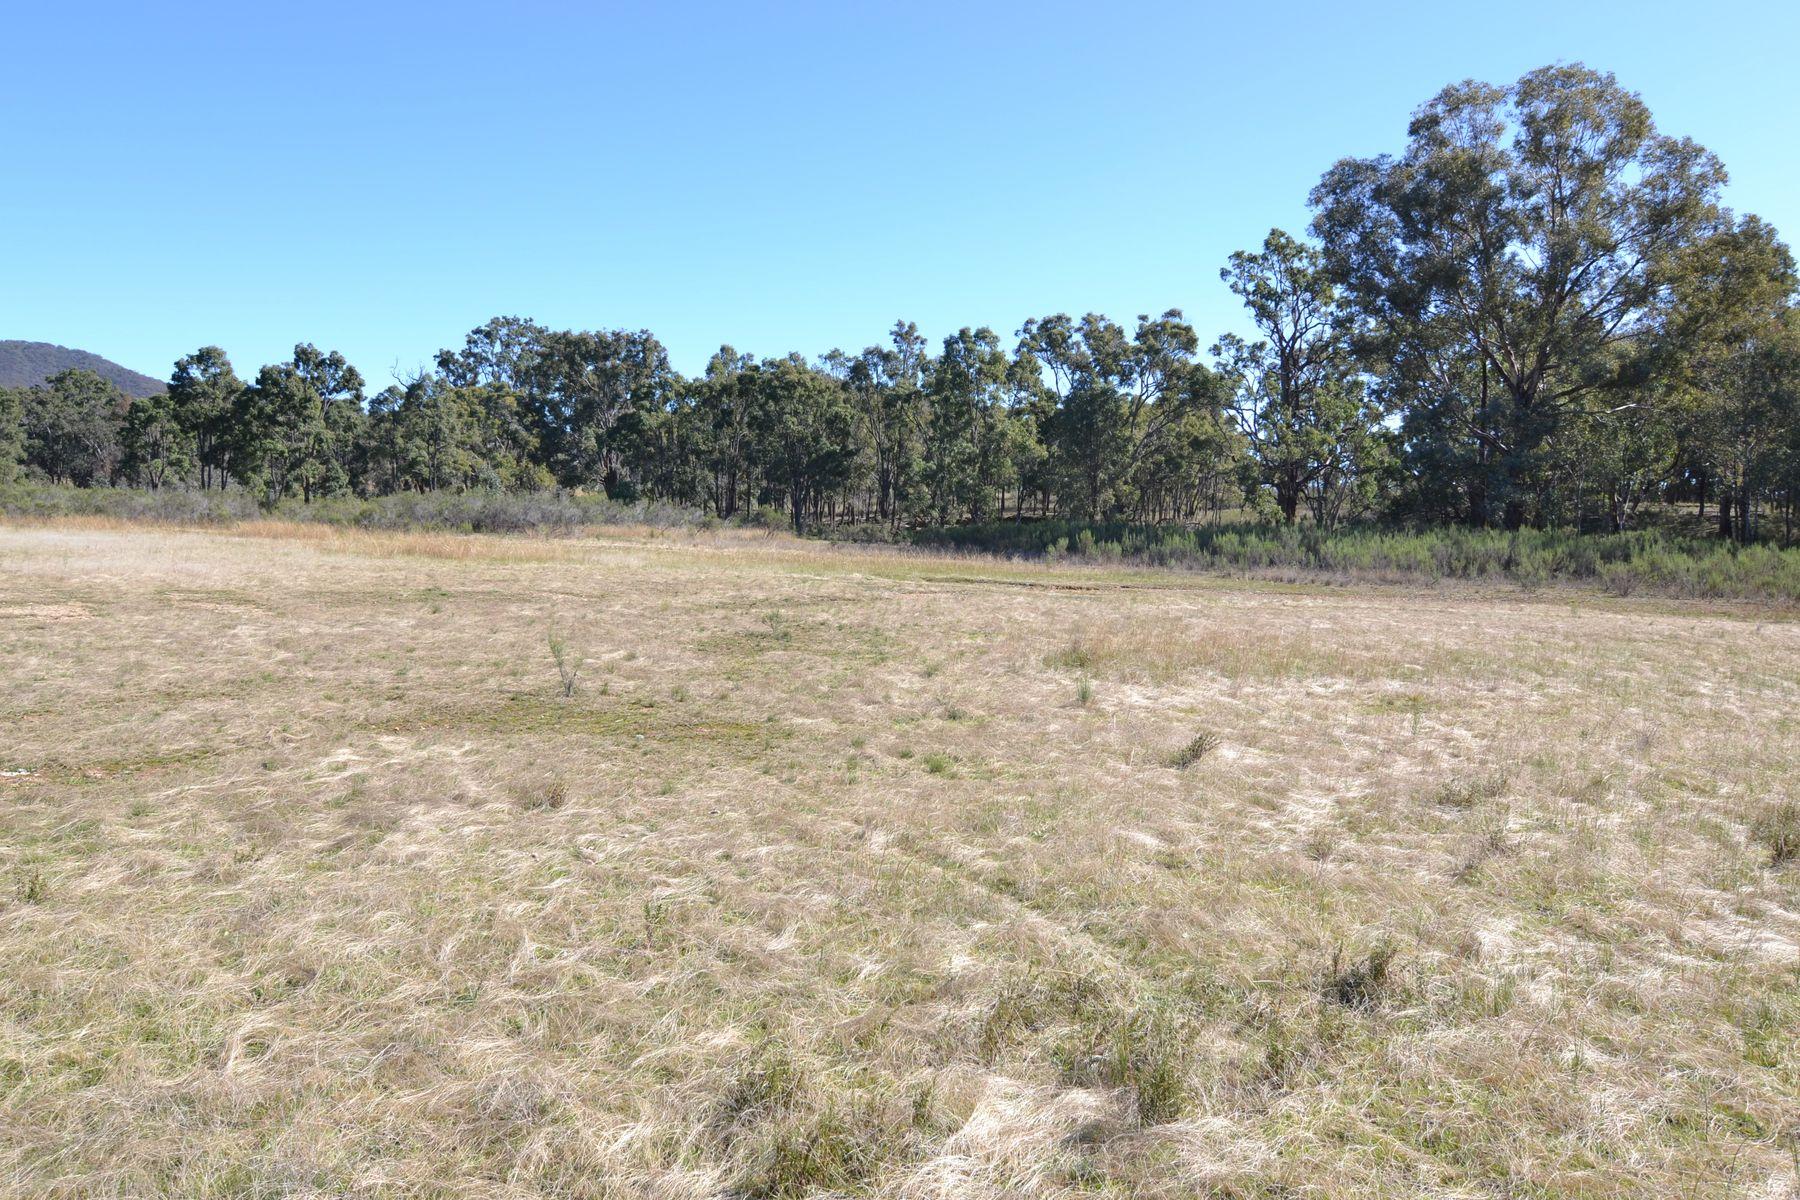 Lot 1/Part 121 Spring Flat South Lane, Mudgee, NSW 2850